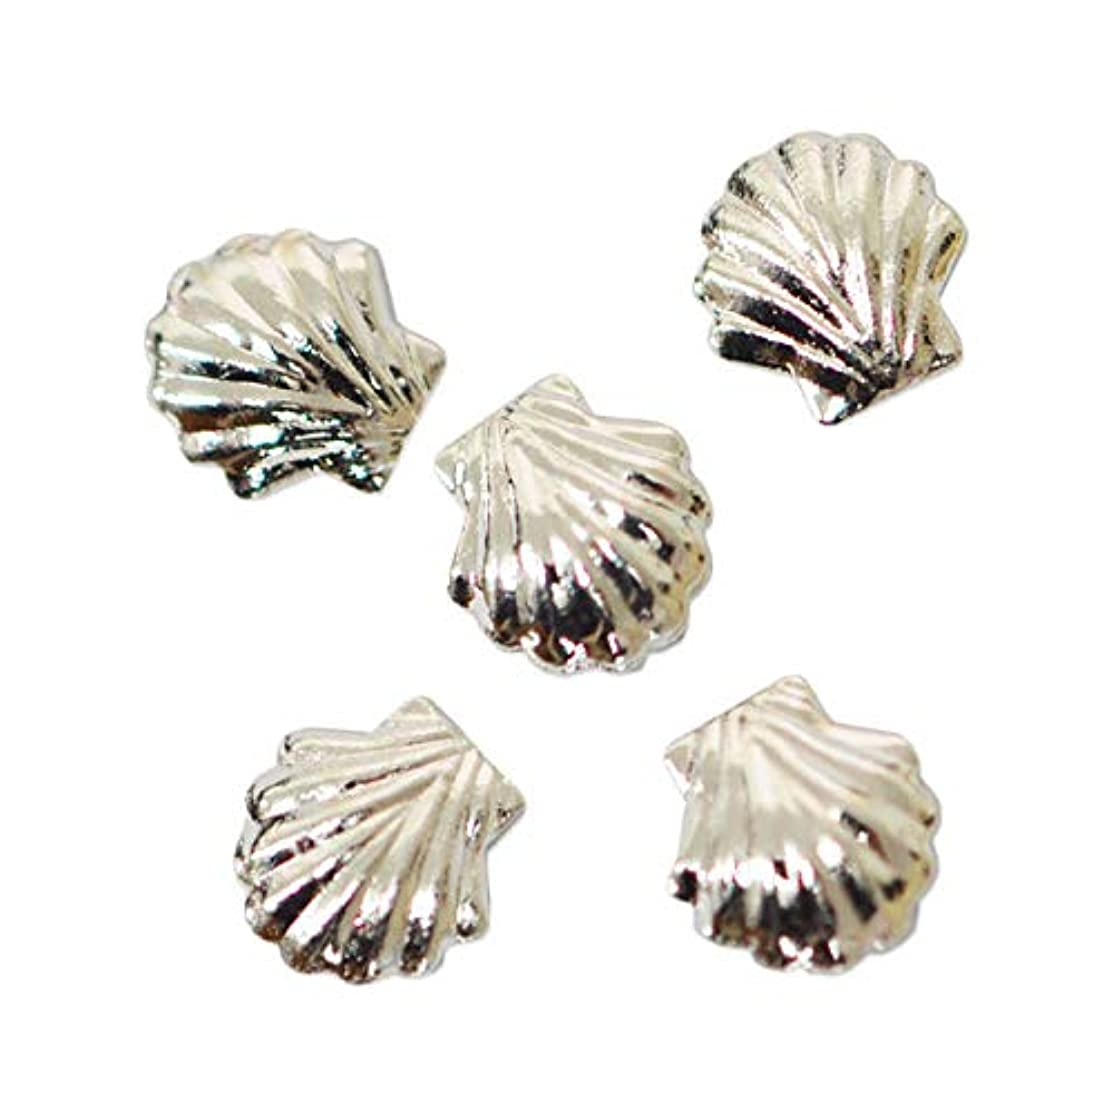 局記述する農村メタルパーツ シェル シルバー 5ミリ 20粒 ネイルパーツ 貝殻 メタルシェル シェルメタルsilver